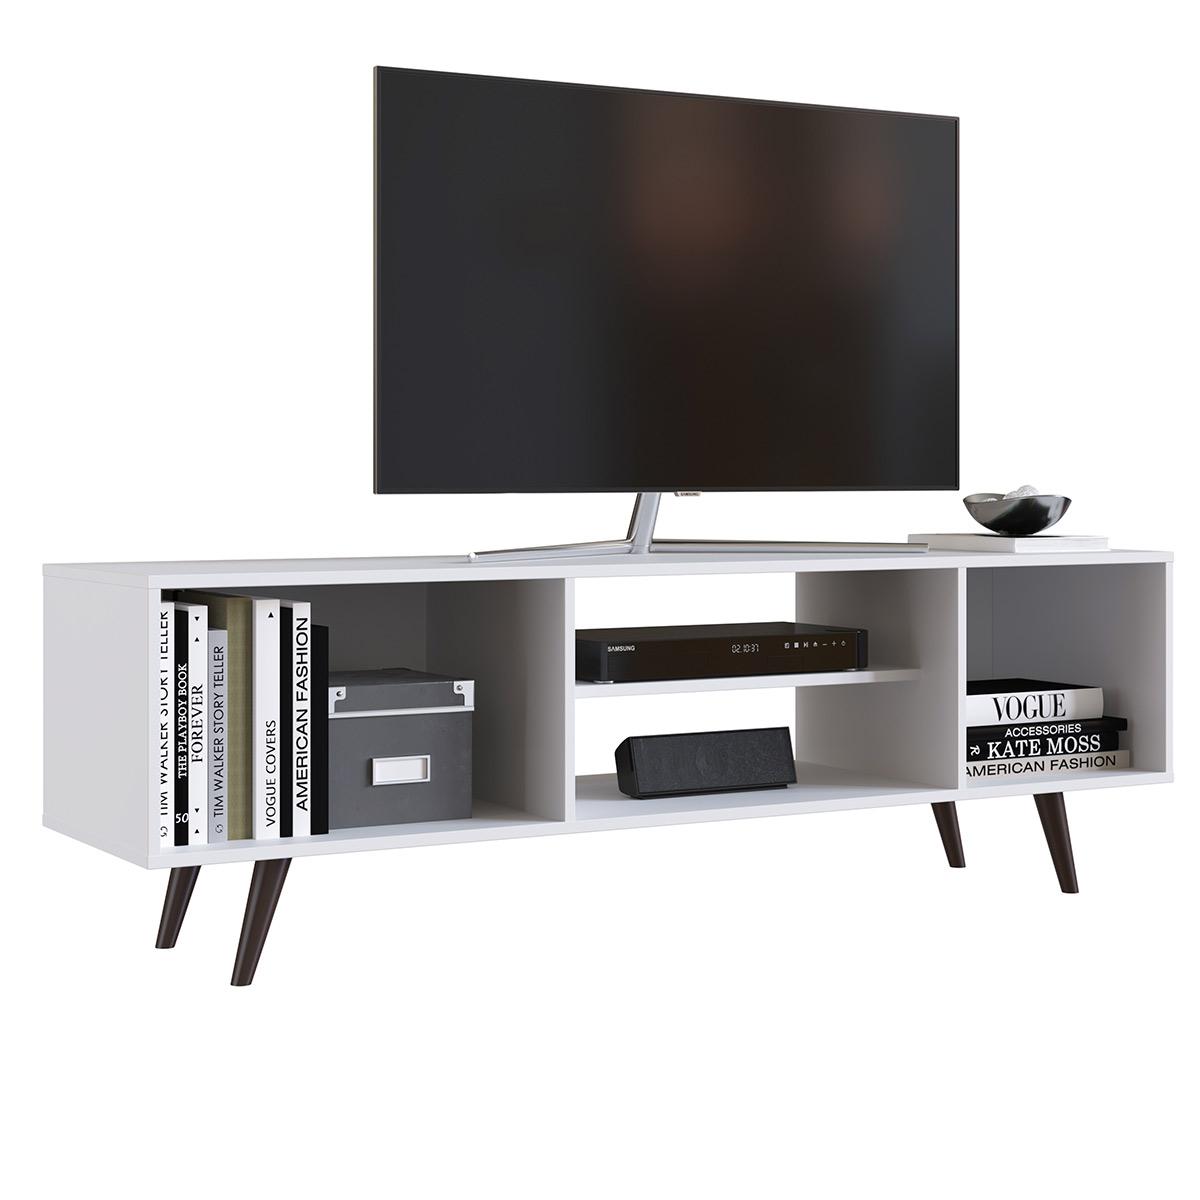 Mesa Modular Rack 2 Repisas 2 Puertas 150cm TV Pantalla Sala